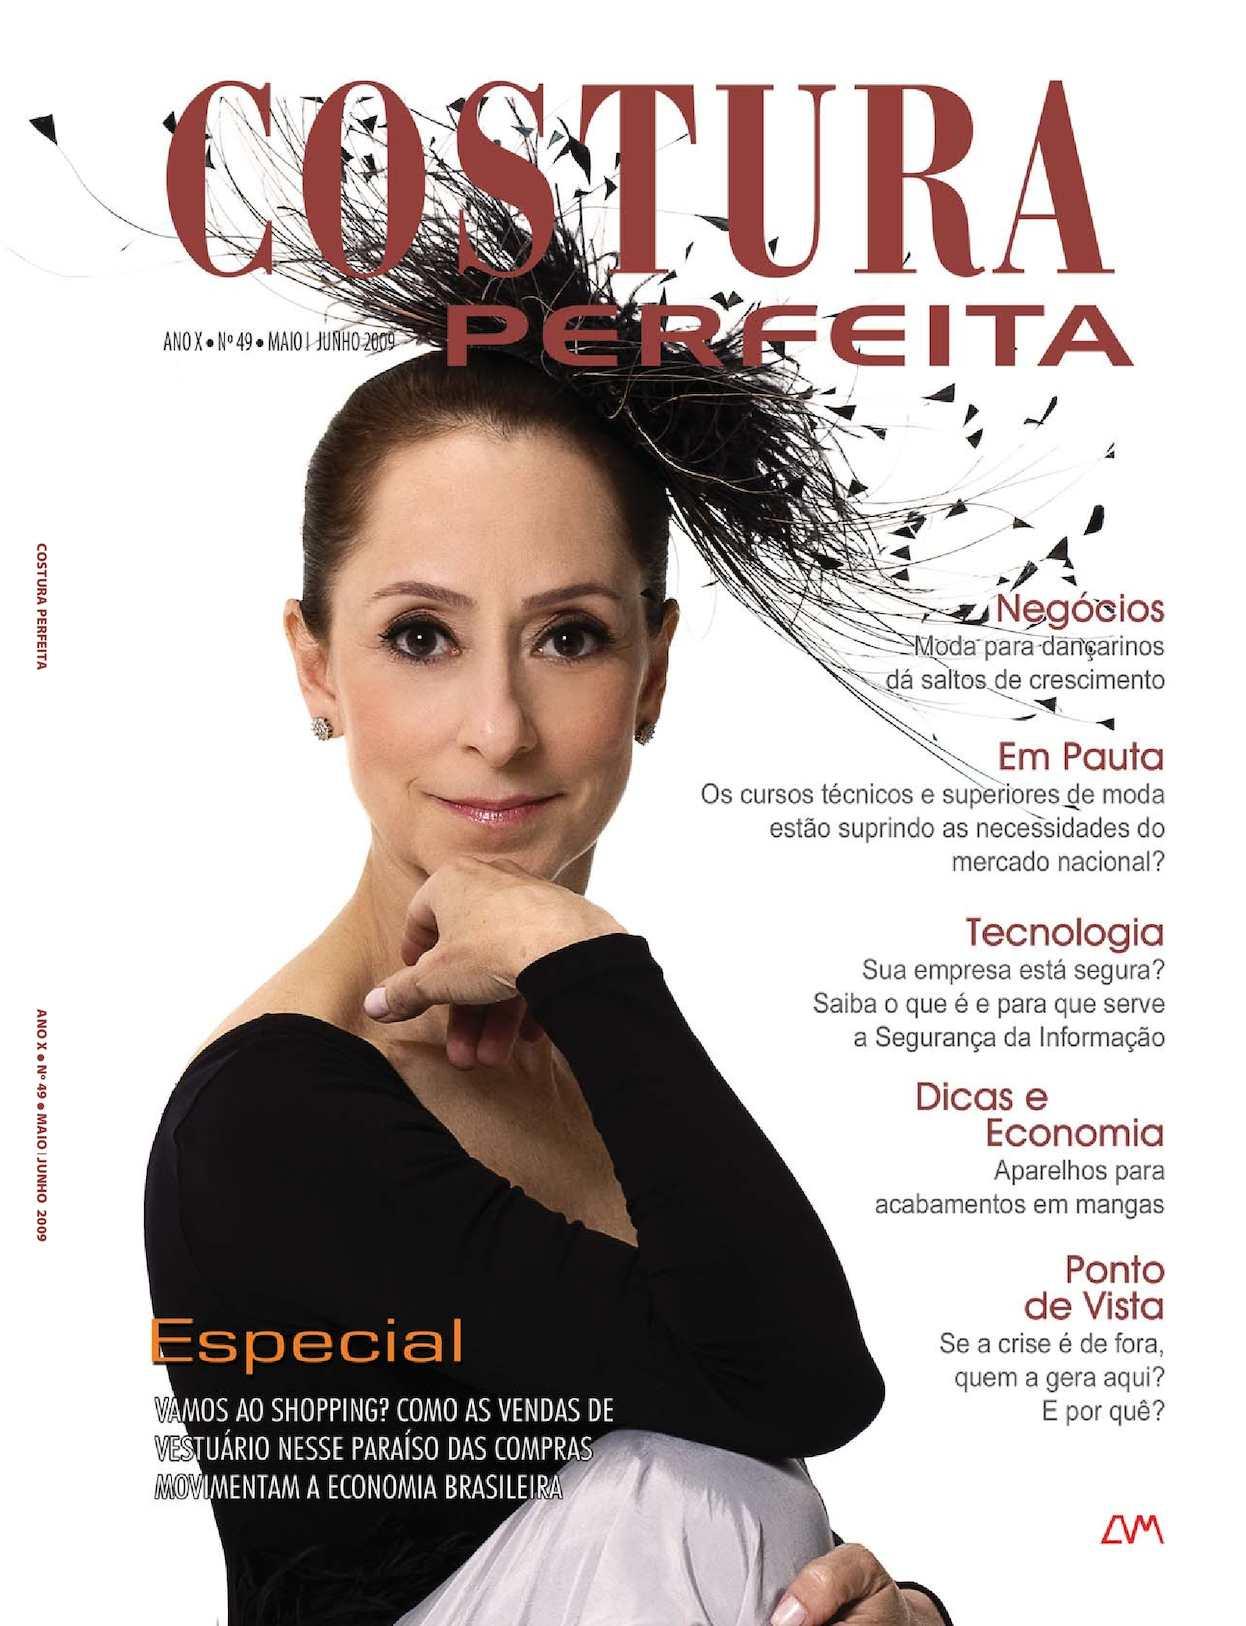 0f79c45c68b Calaméo - Revista Costura Perfeita Edição Ano X - N49 -Maio-Junho 2009